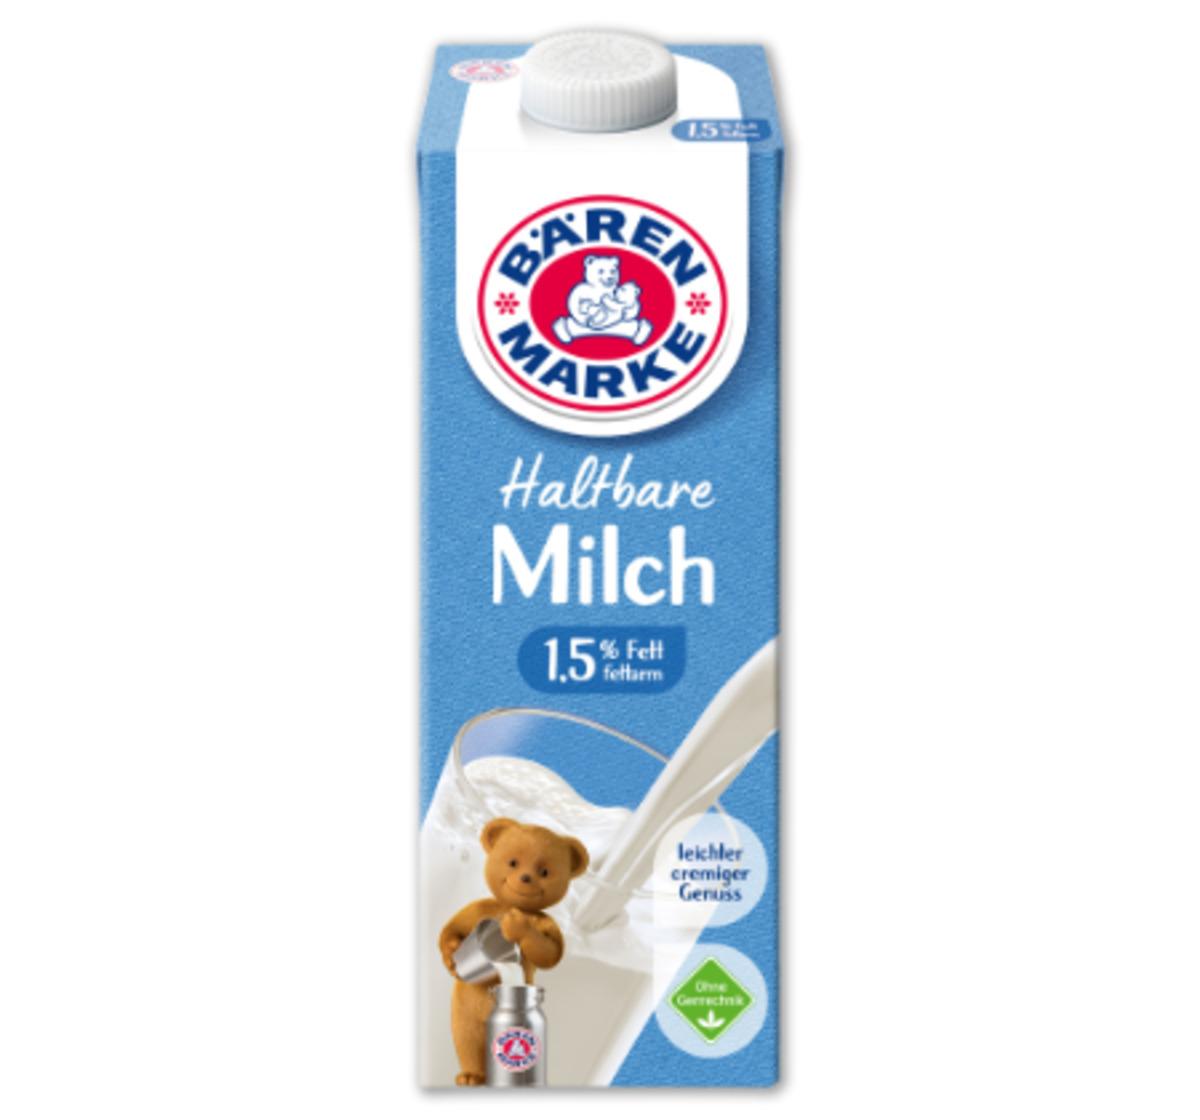 Bild 2 von BÄRENMARKE Haltbare Milch